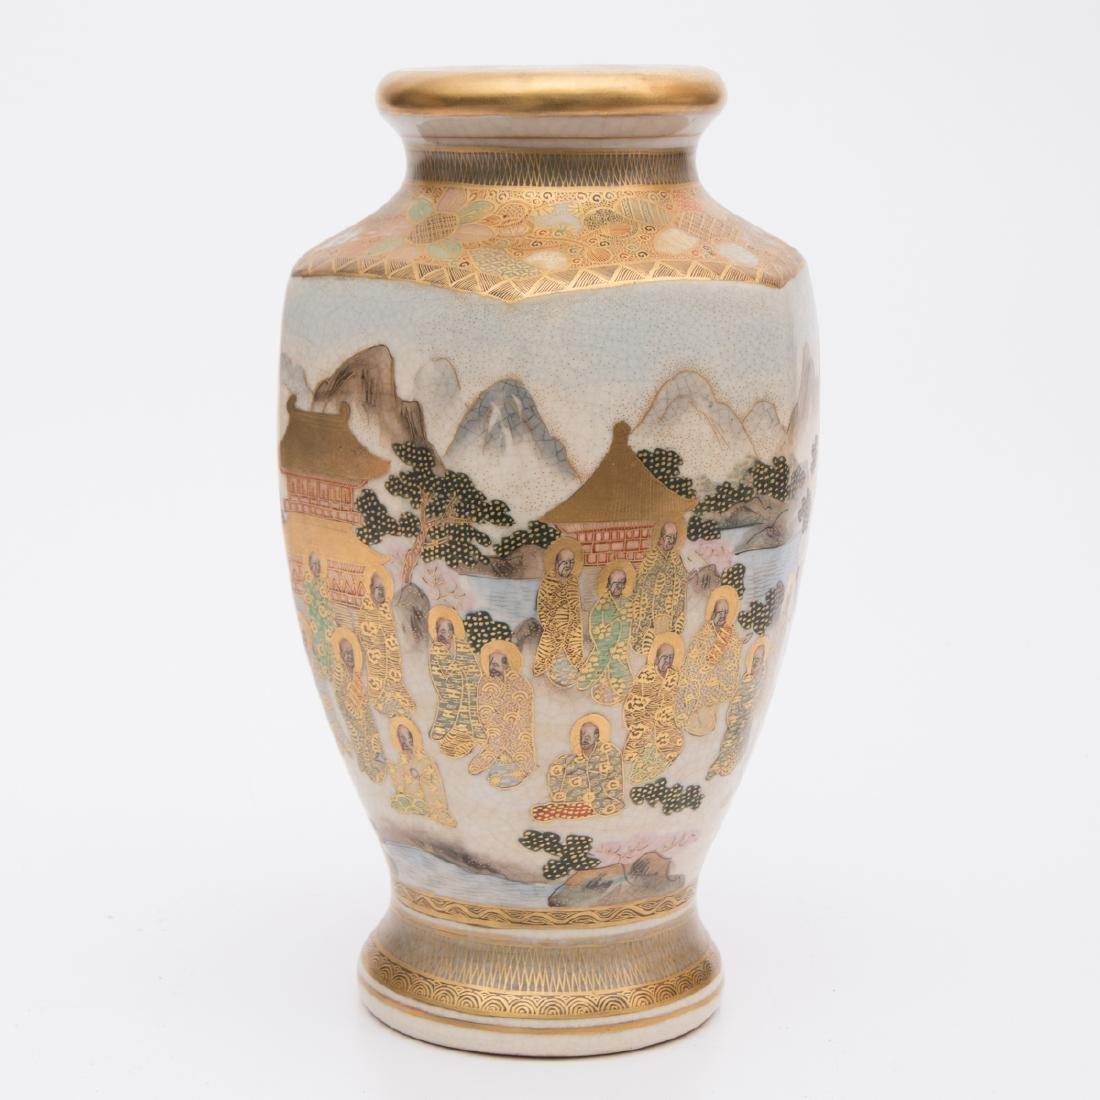 A Japanese Satsuma Porcelain Shaped Vase, 20th Century.